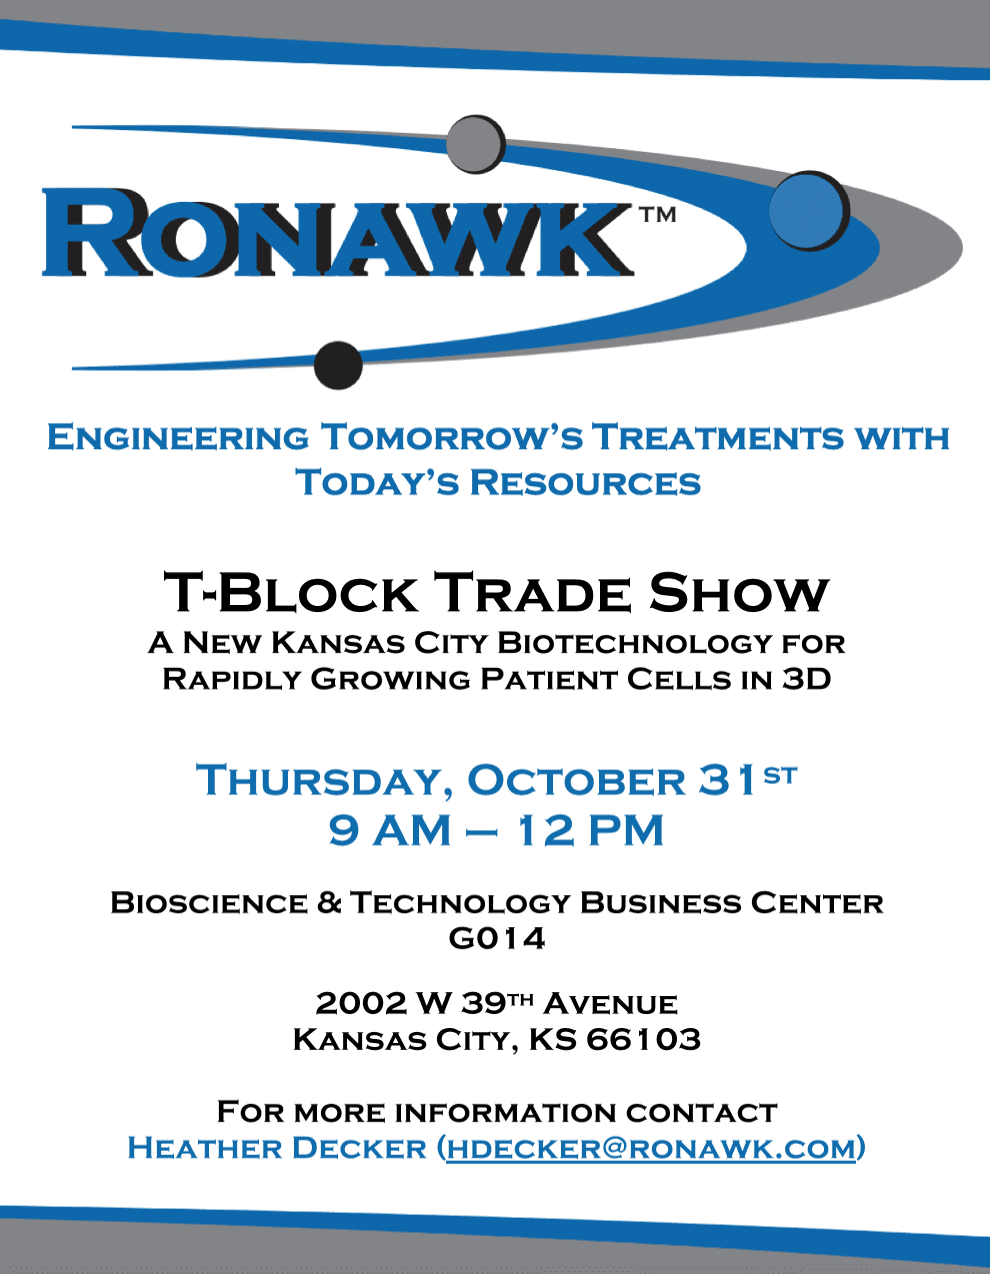 Ronawk host Q4 '19 T-Block Trade Show 24